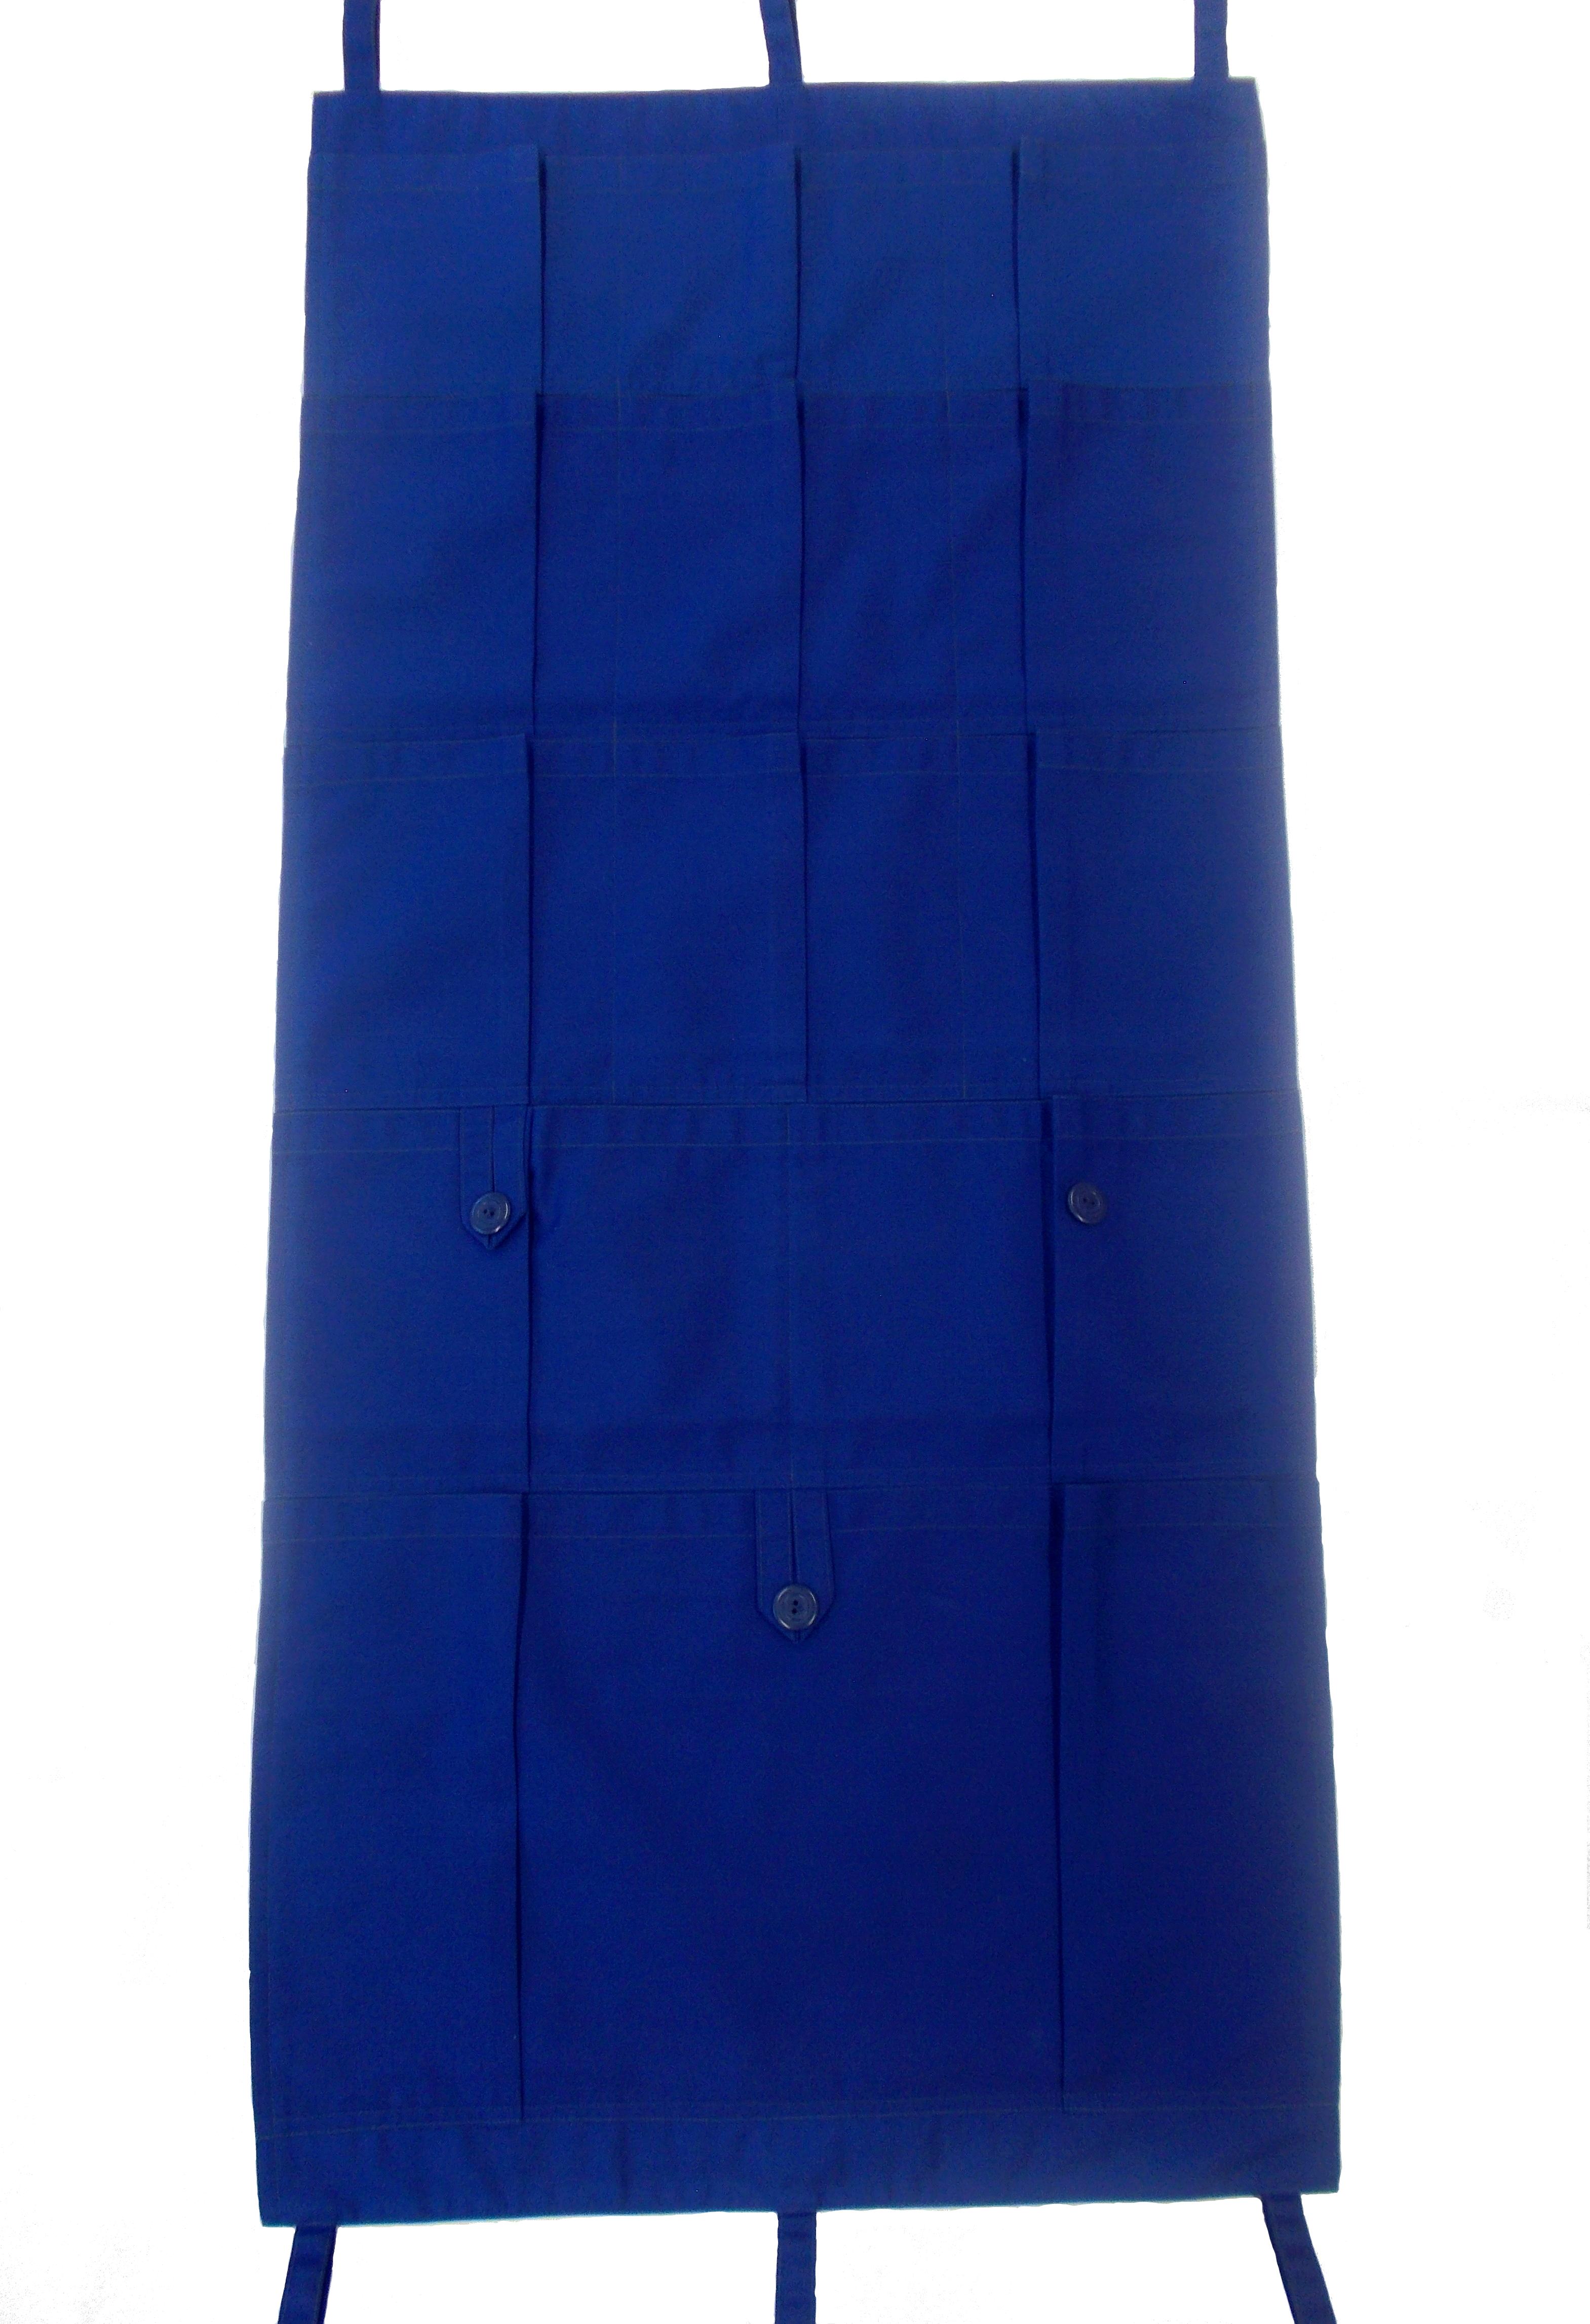 CEDR Kapsář velký obyčejný modrý 110 x 52 cm